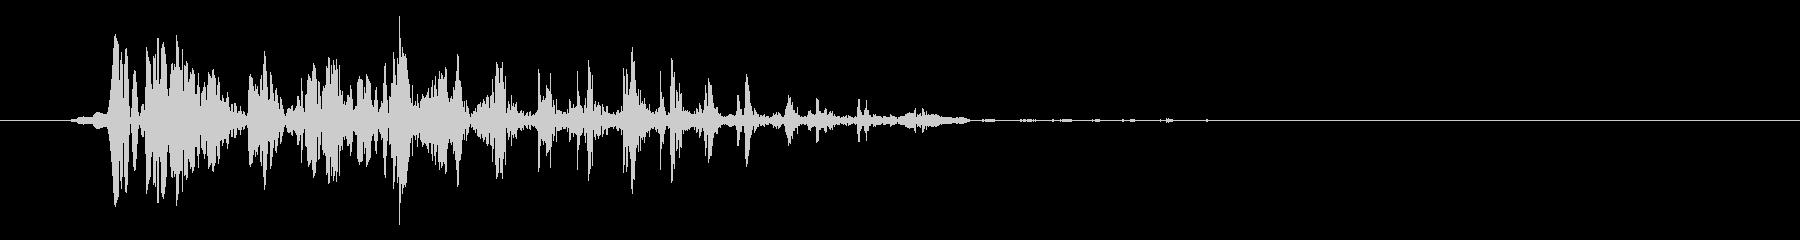 グェッ(アヒルまたは蛙の鳴き声)の未再生の波形